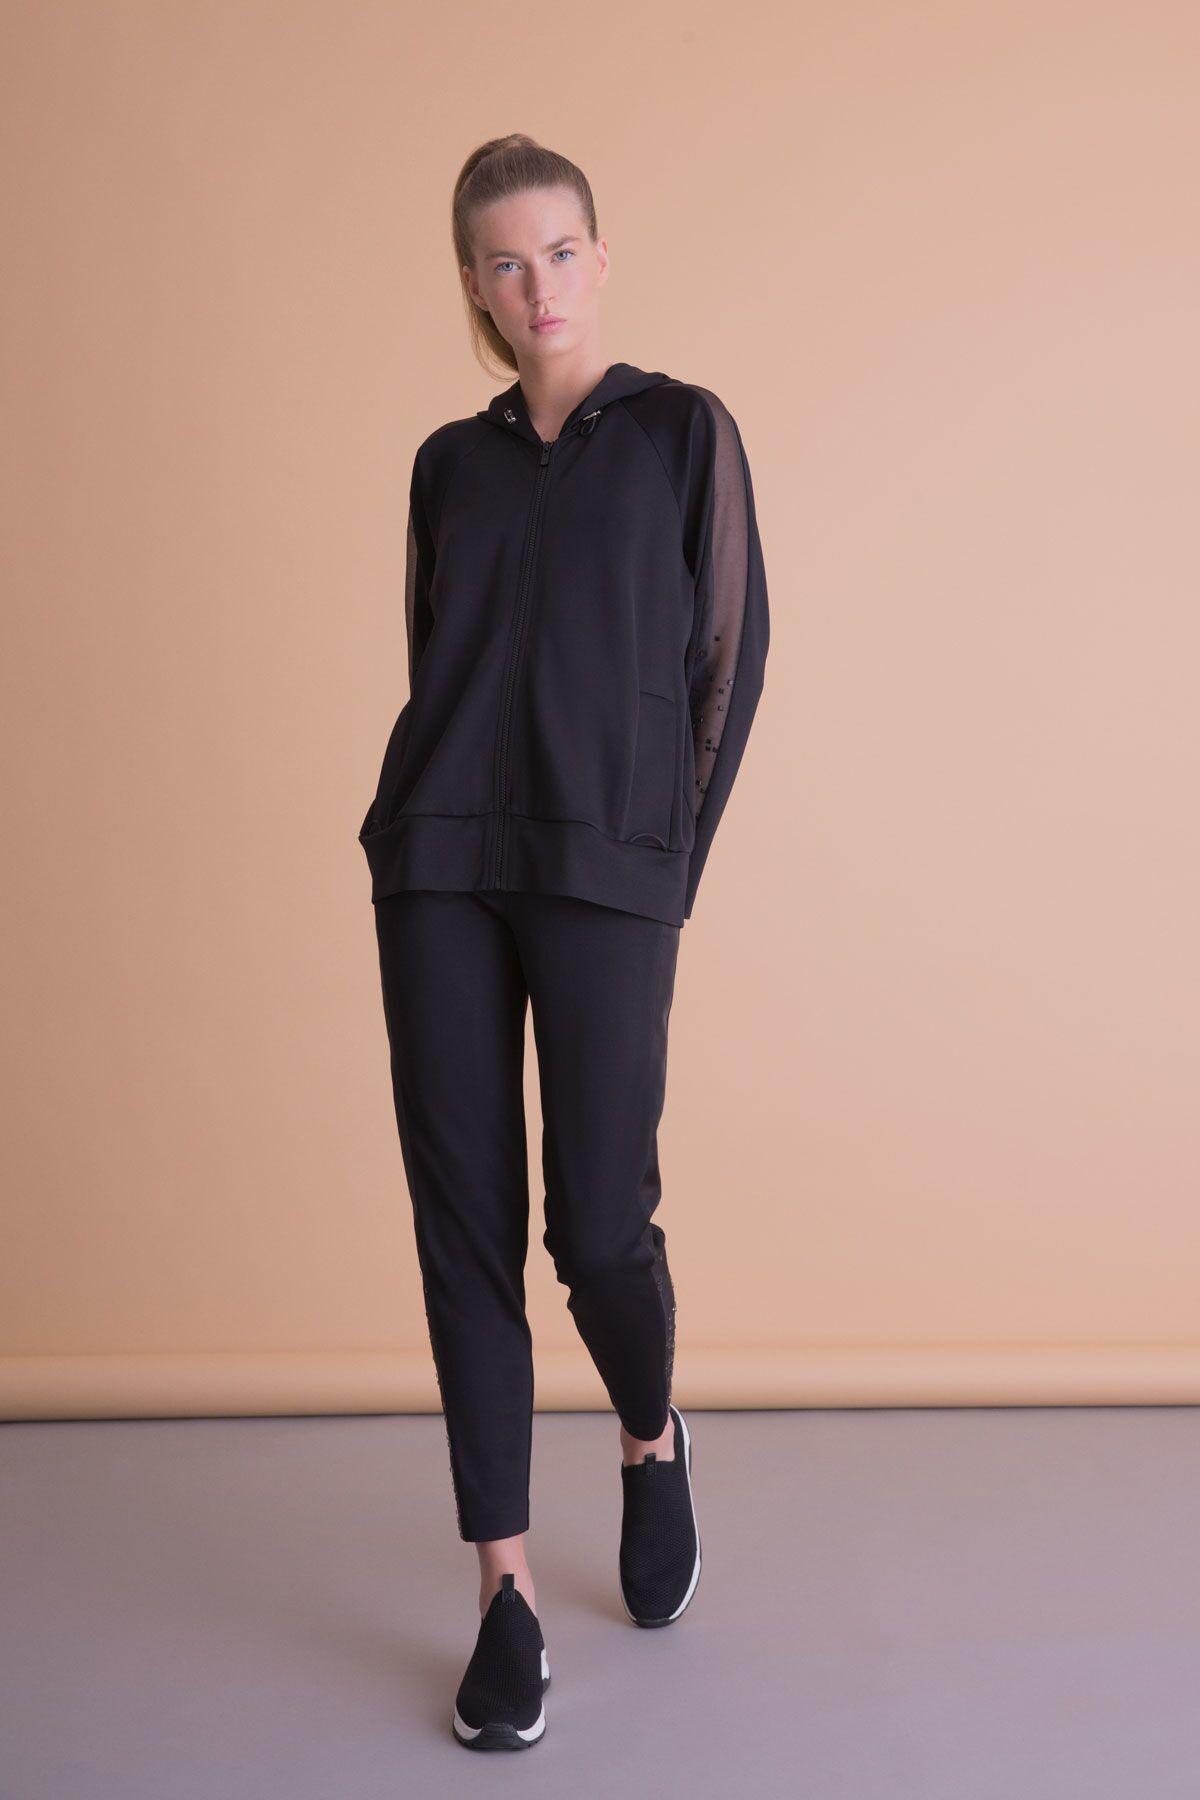 Veiled Sleeve Sweatshirt With Hood